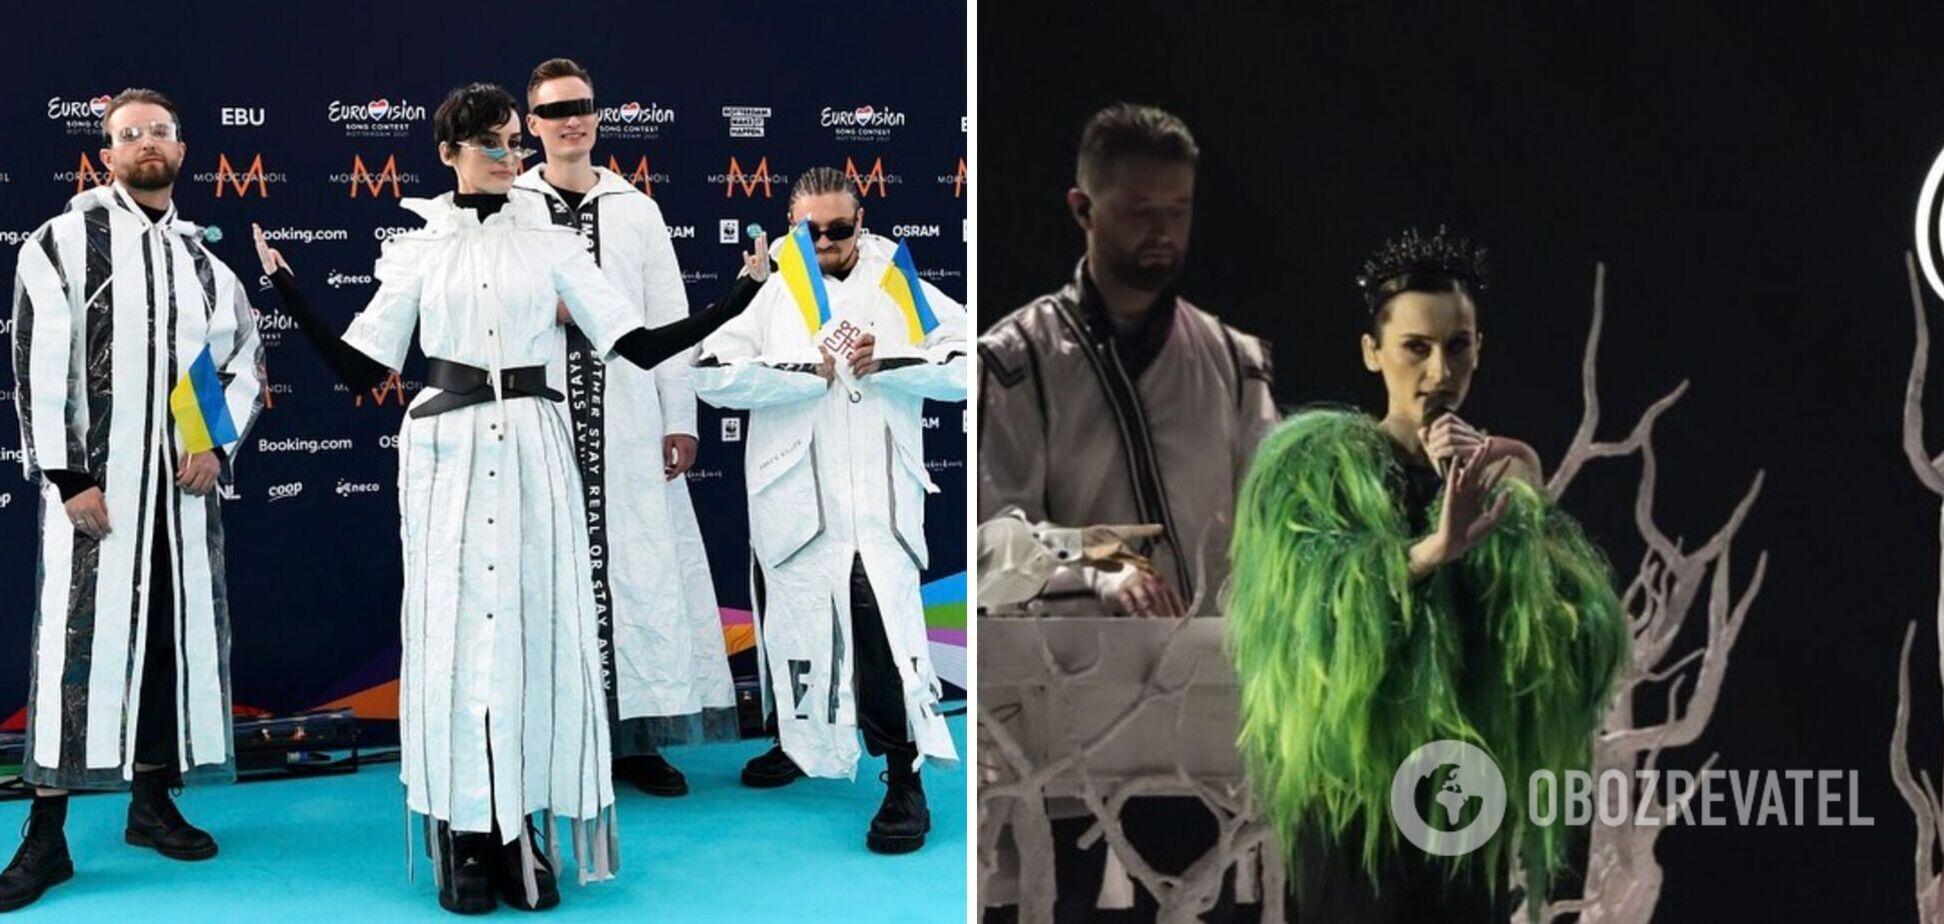 Українському Go_A у півфіналі Євробачення 2021 зал аплодував стоячи. Фото та відео яскравого шоу